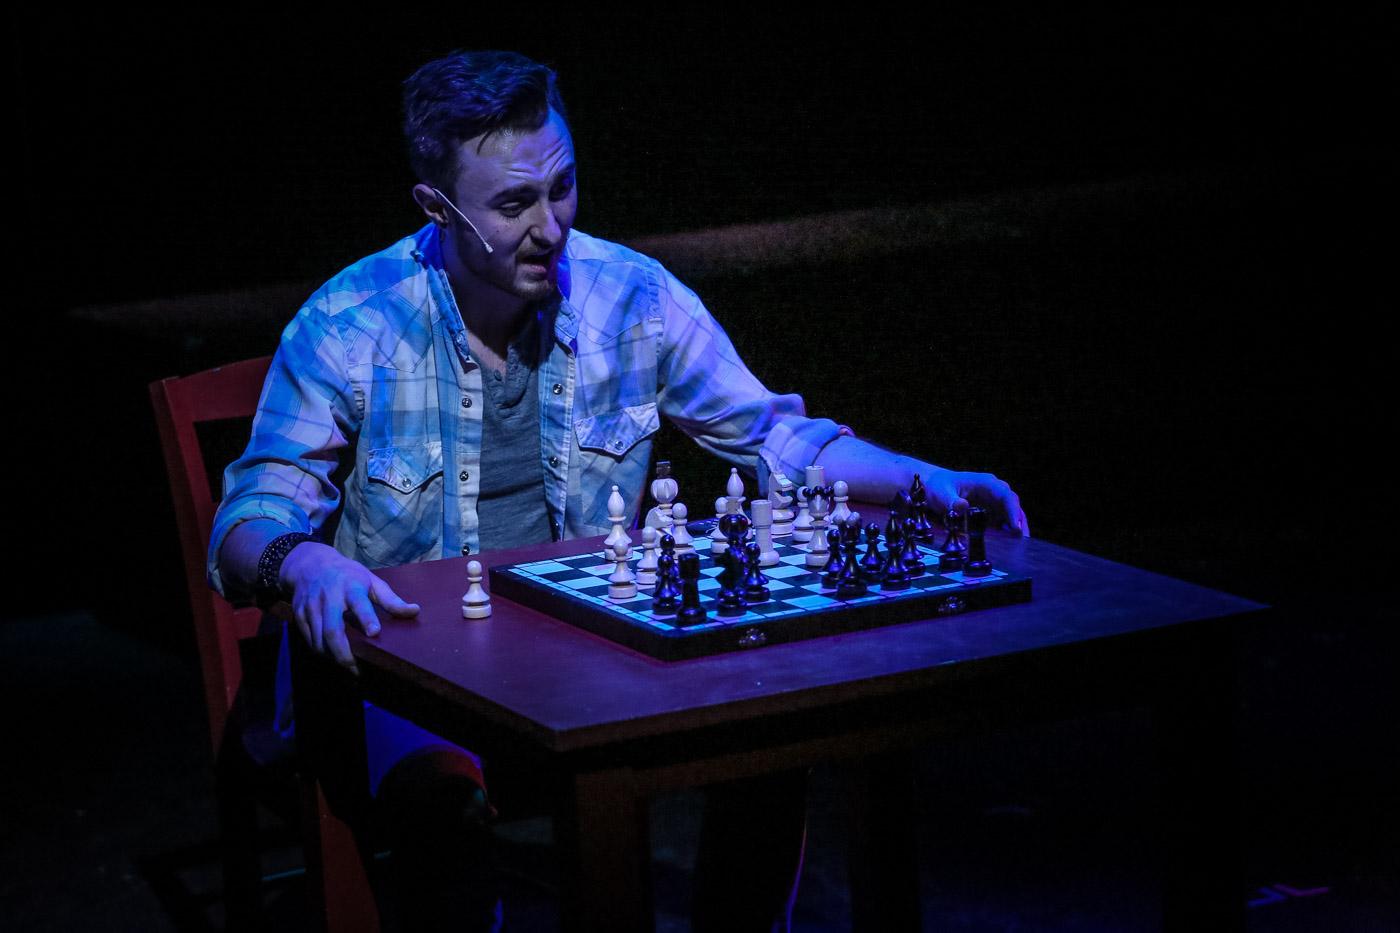 Chess (2 of 5).jpg